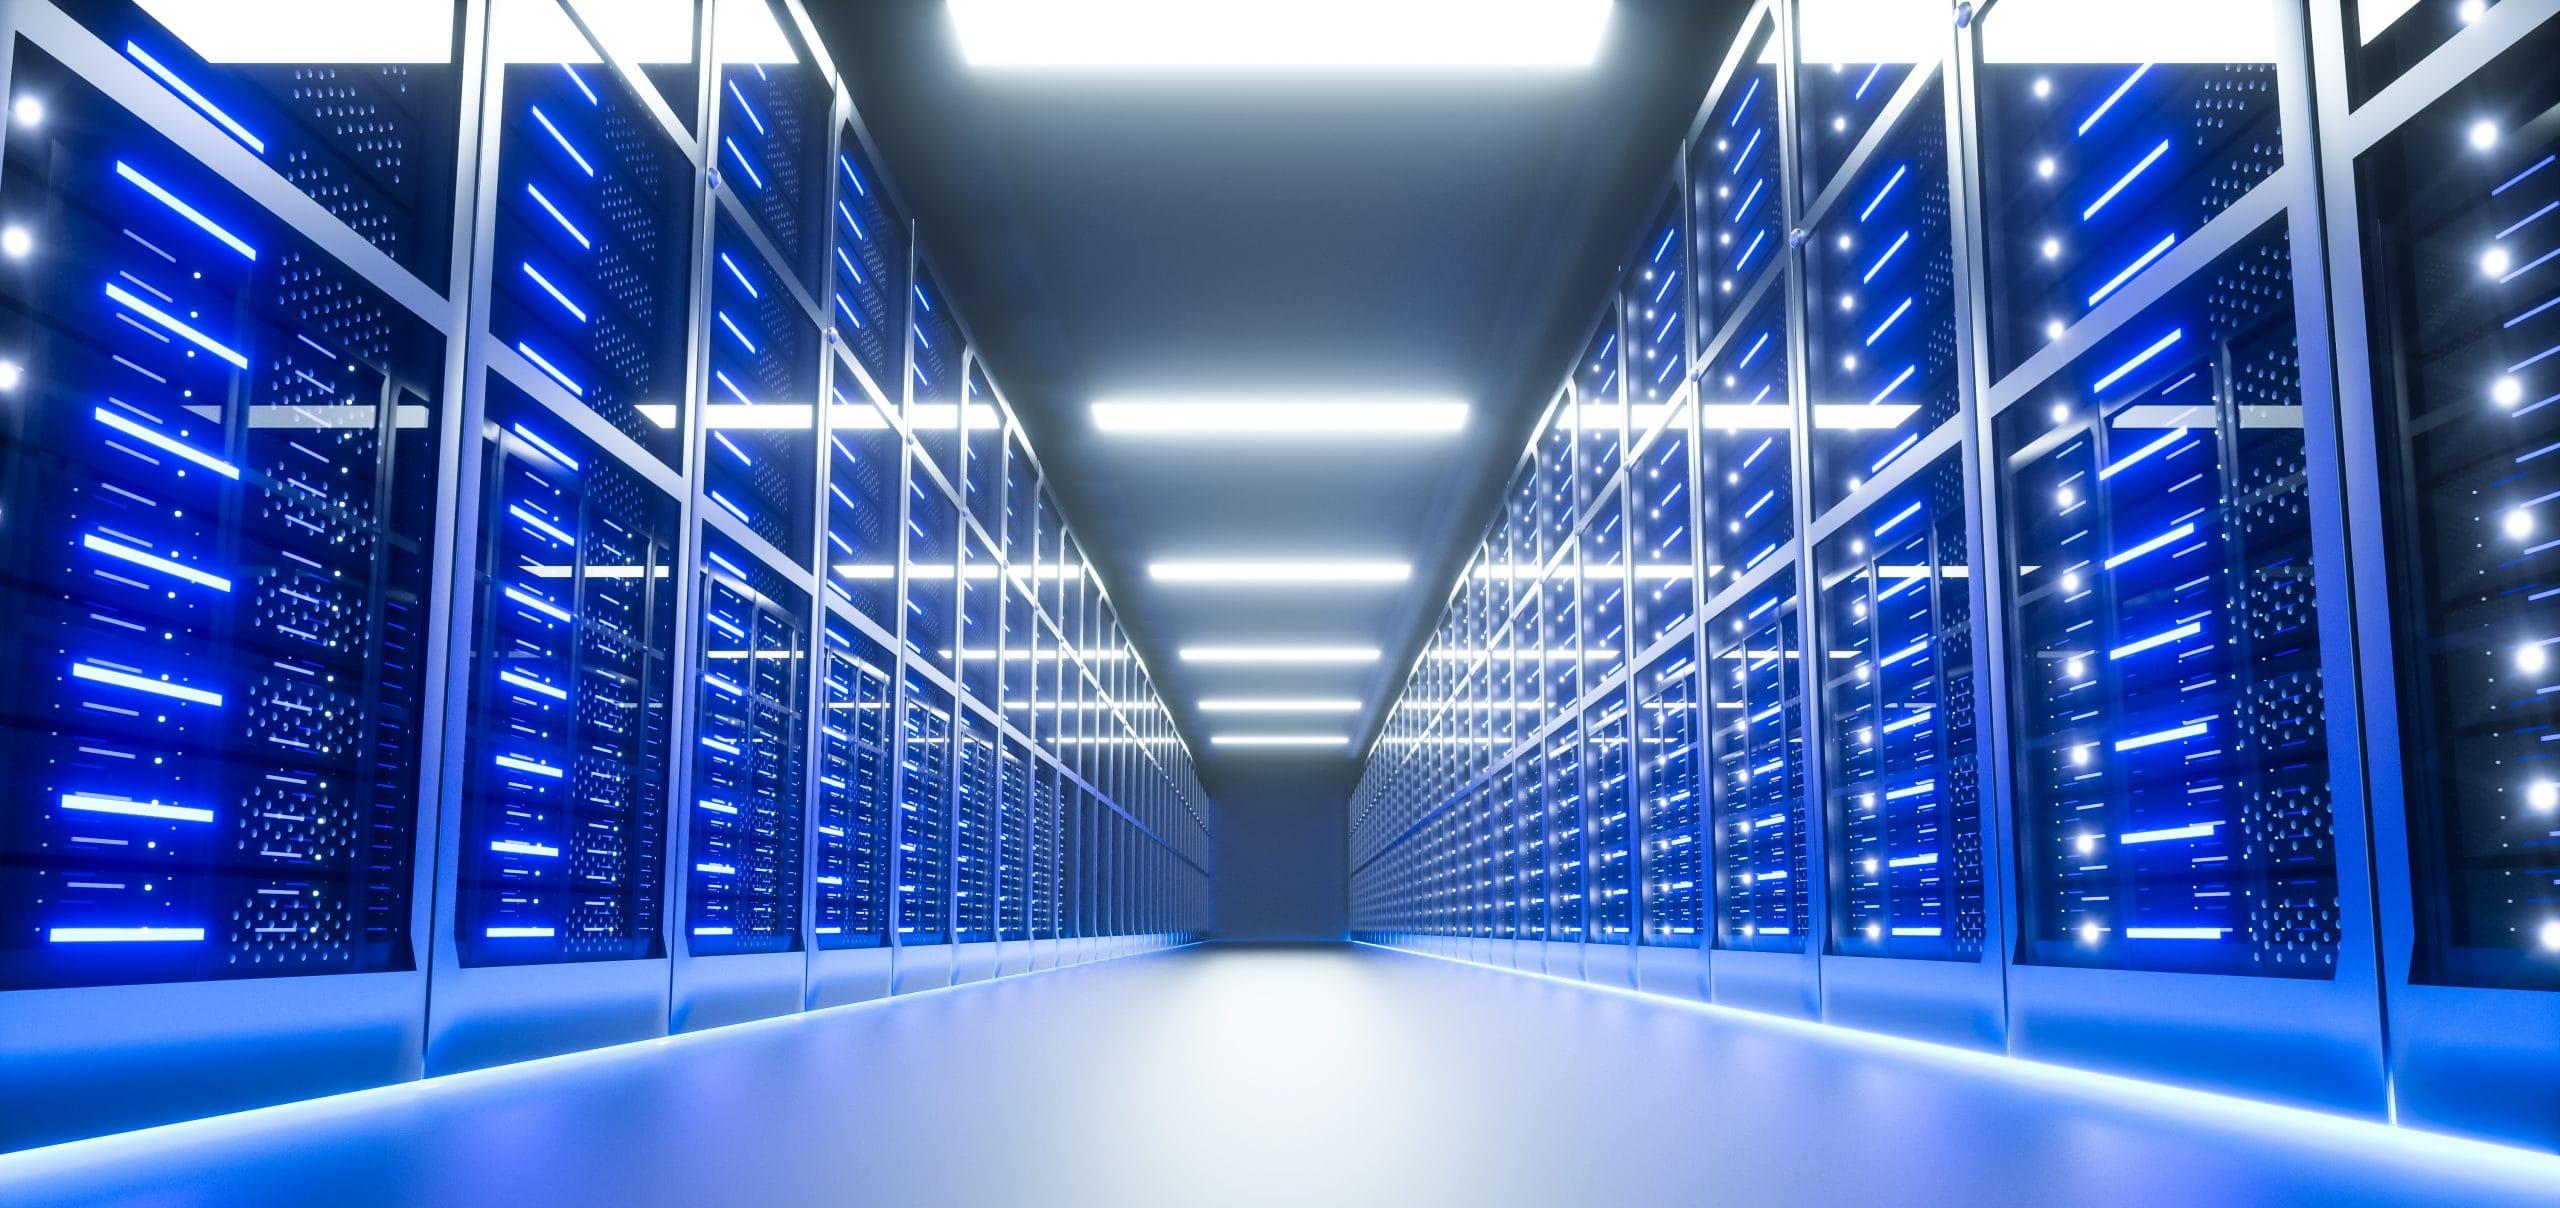 Dieses Bild zeigt einen Serverraum in blauem Licht.